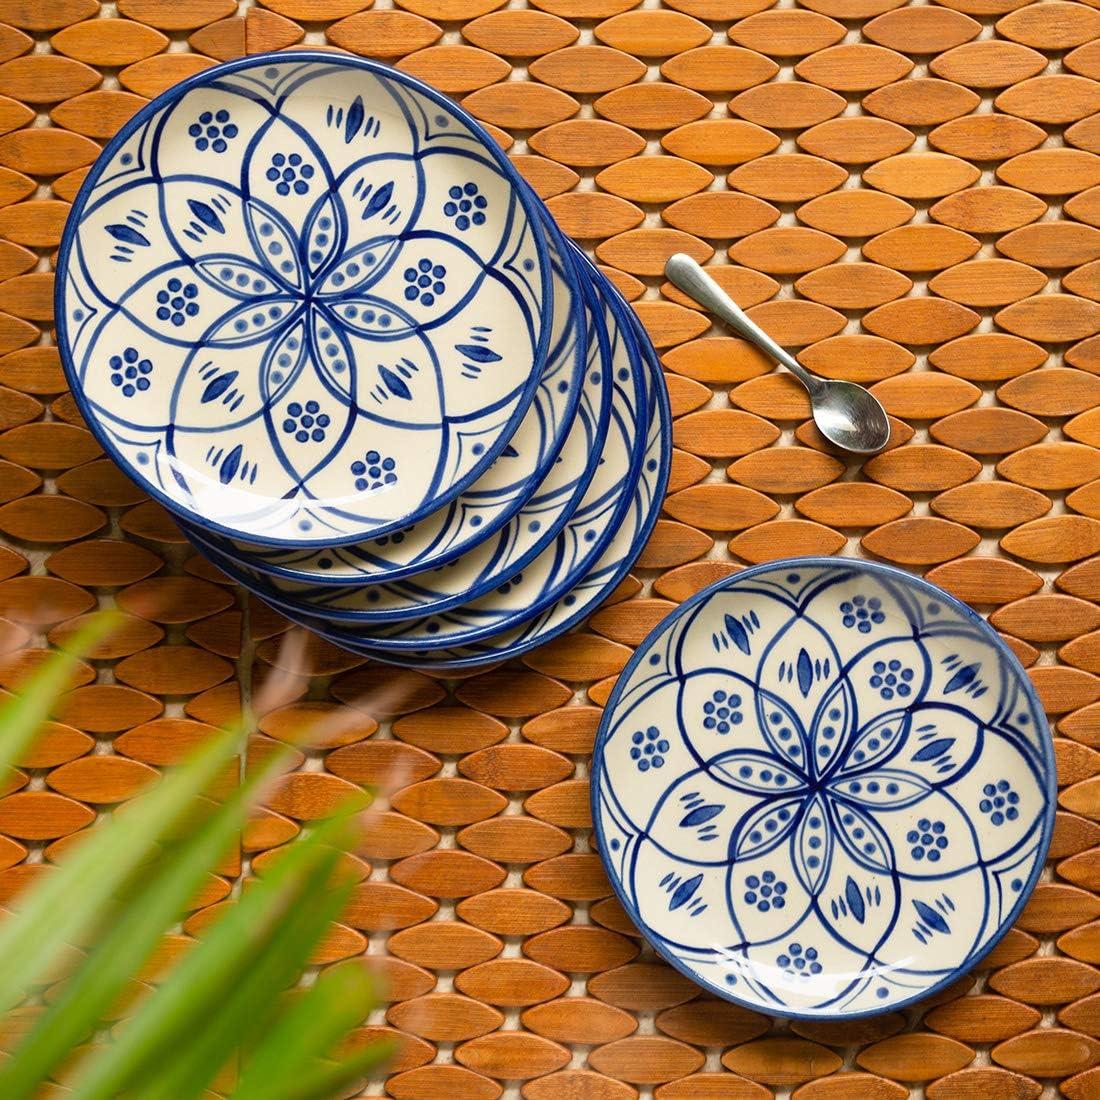 定番スタイル 激安超特価 ExclusiveLane 'Moroccan Floral' Handpainted Studio Ceram Pottery